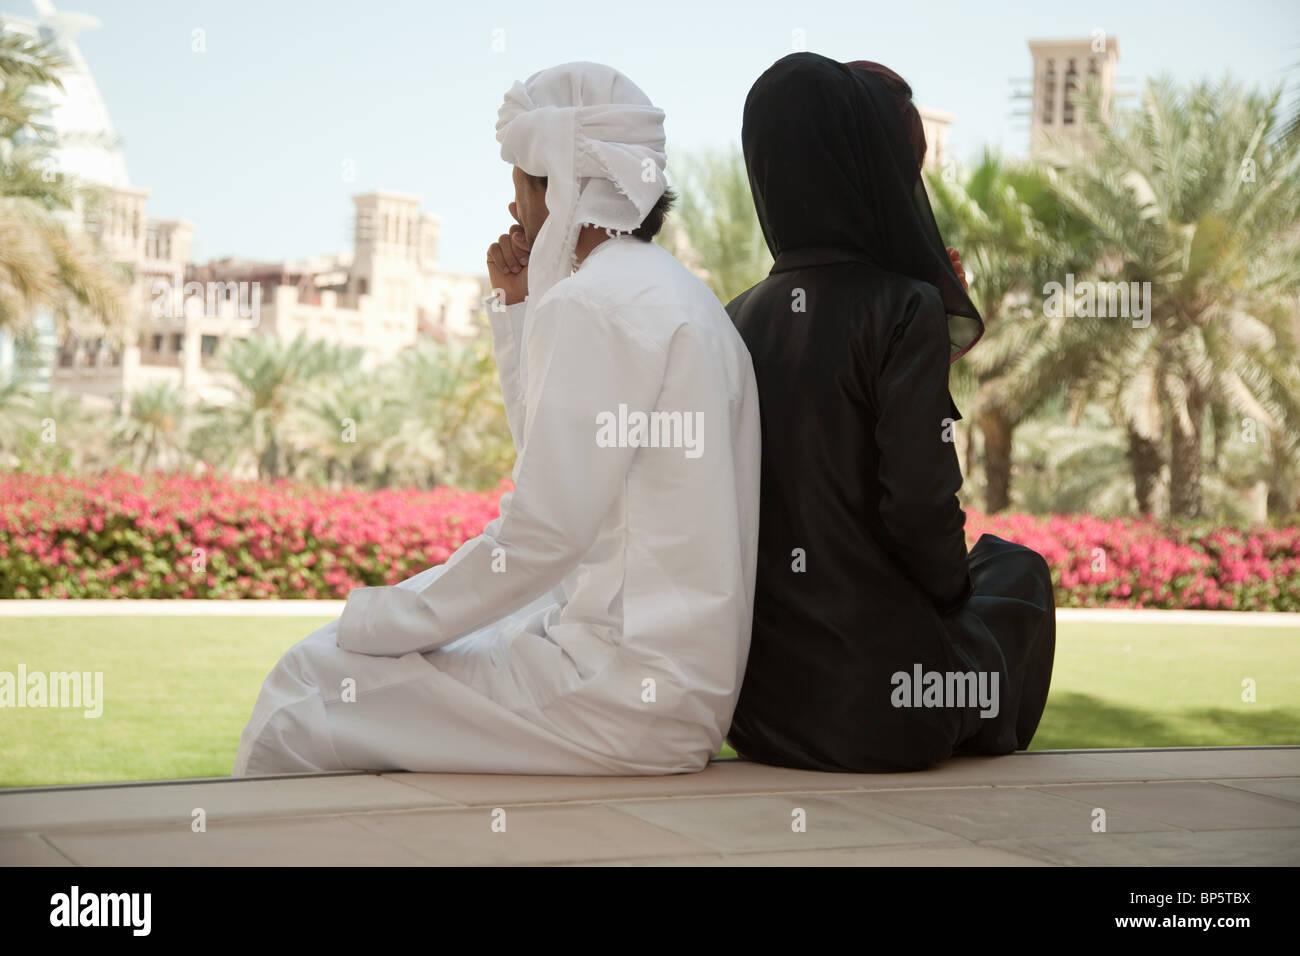 Les gens du Moyen-Orient, assis côte à côte Photo Stock